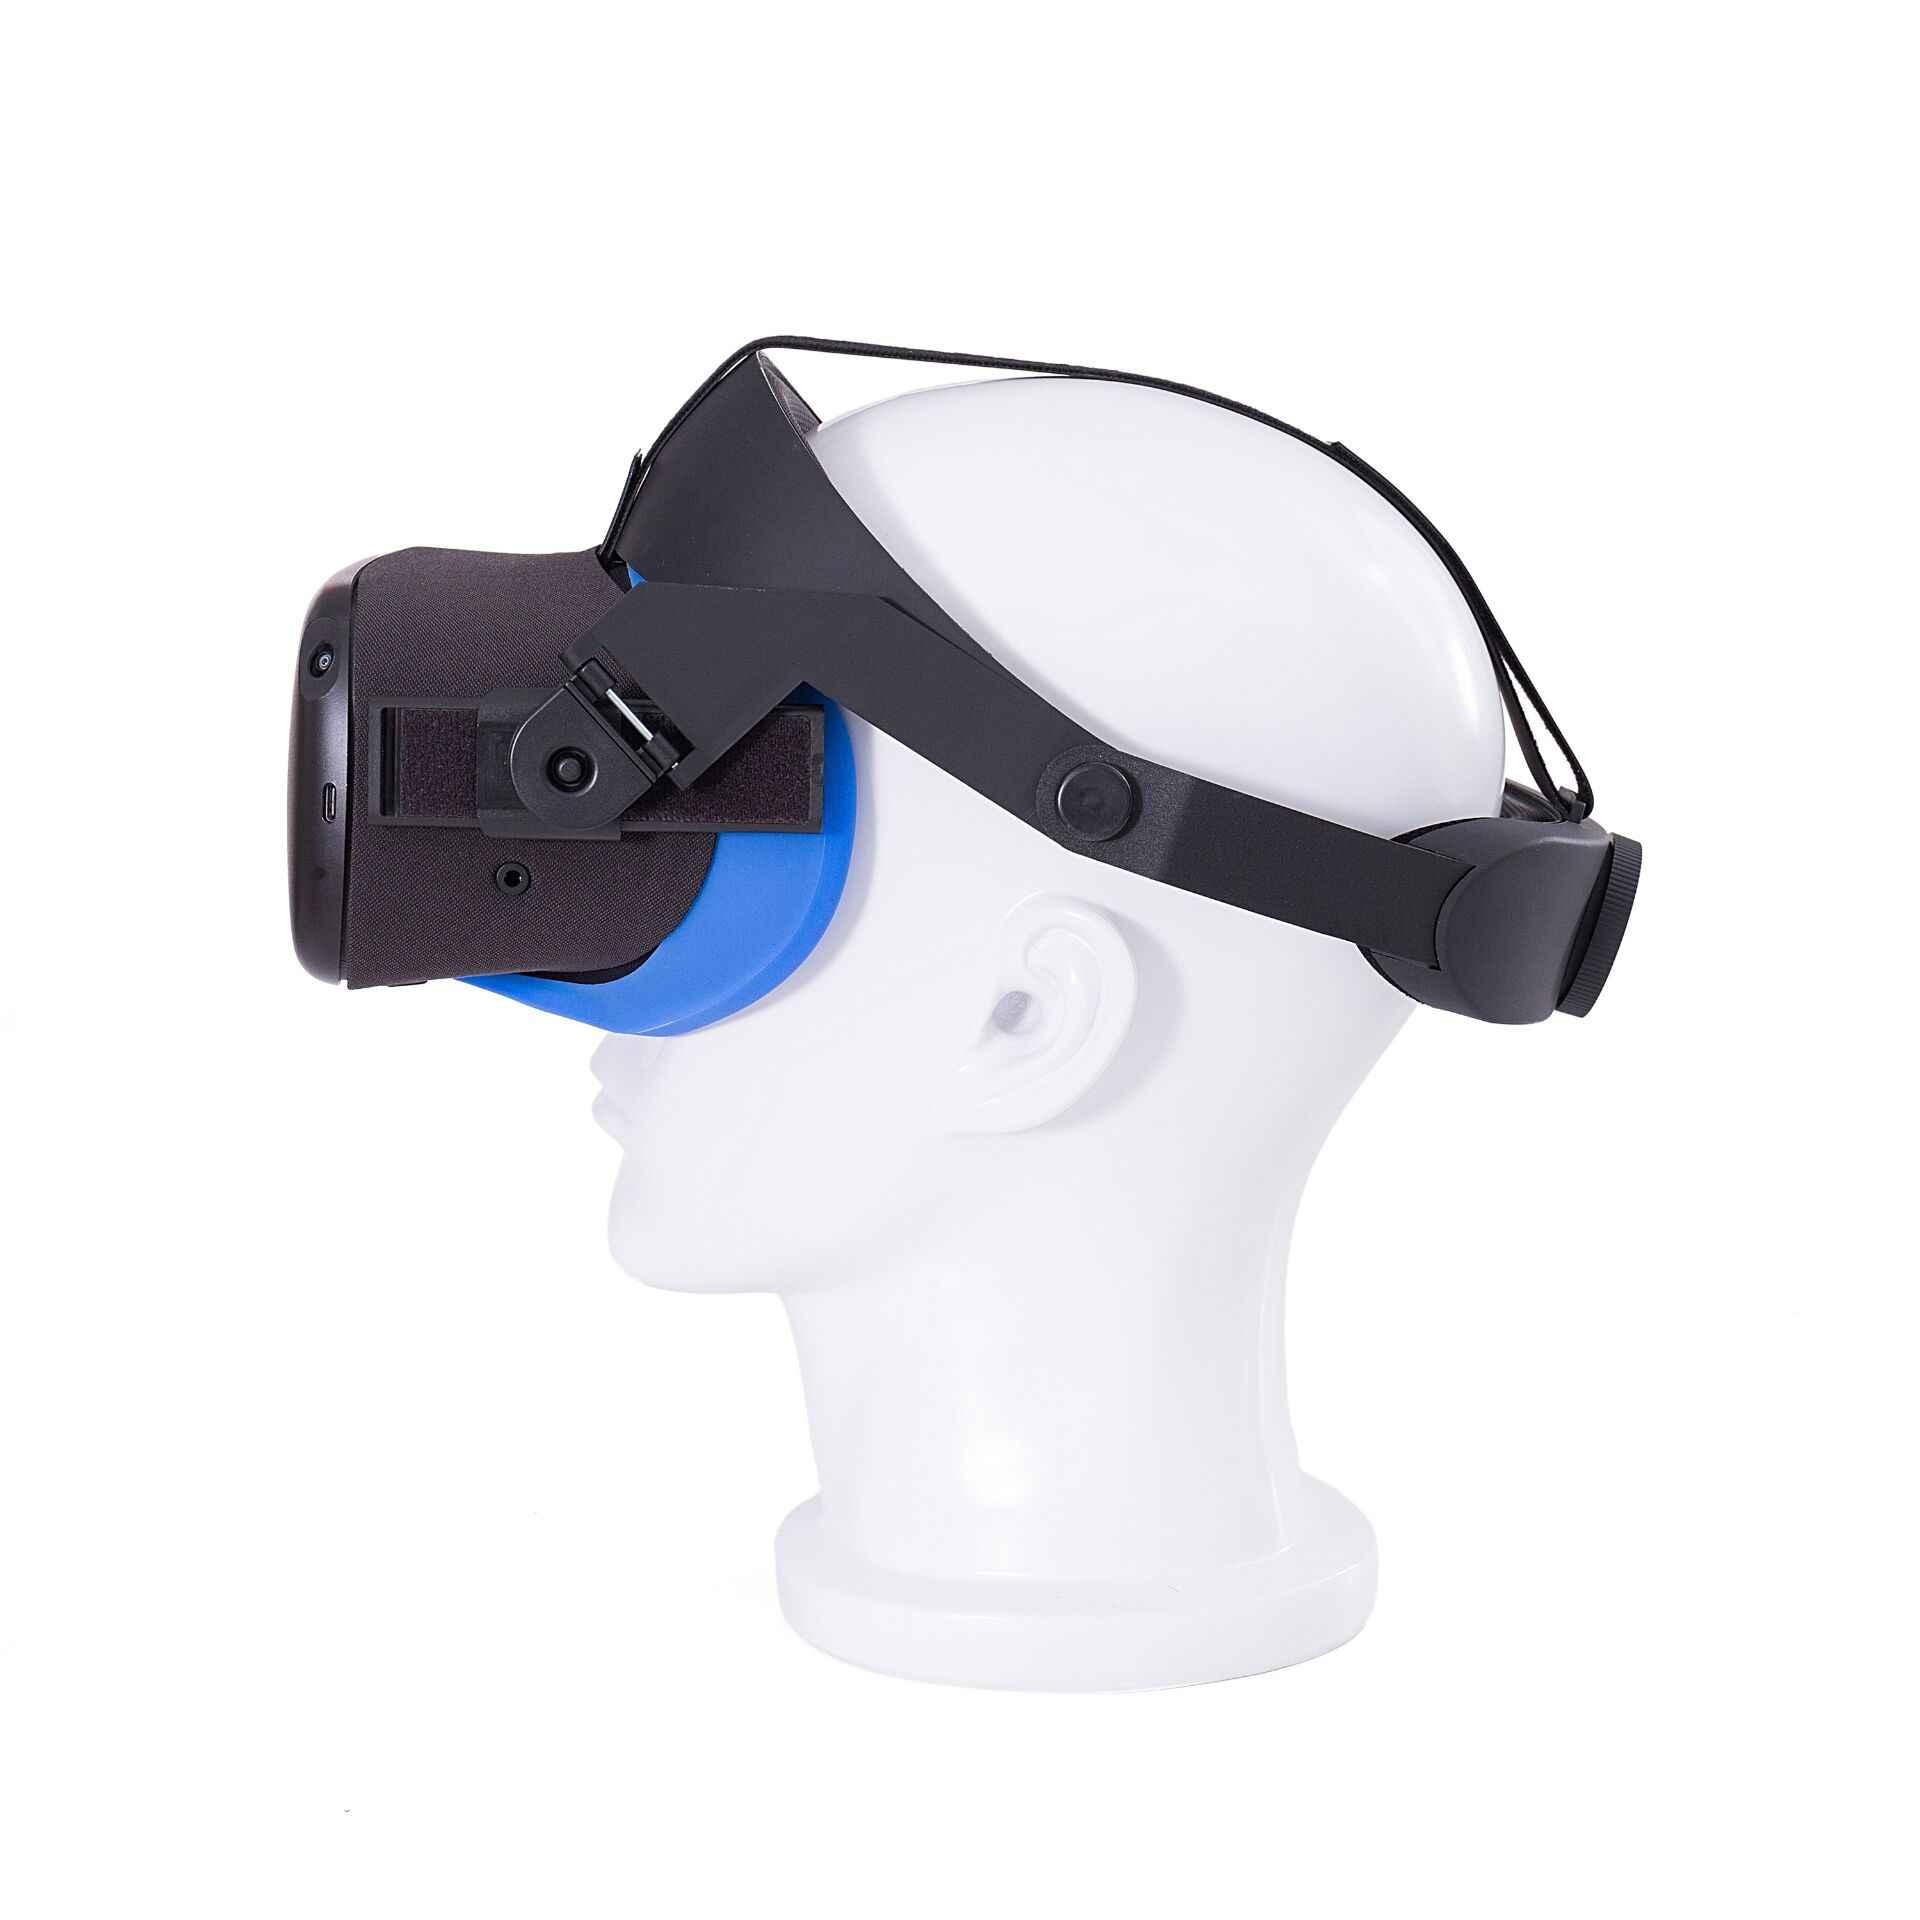 Oculus görev halo kayış çözer basınç dengesi yüz, rahat ve ayarlanabilir, ergonomik sanal gerçeklik aksesuarları